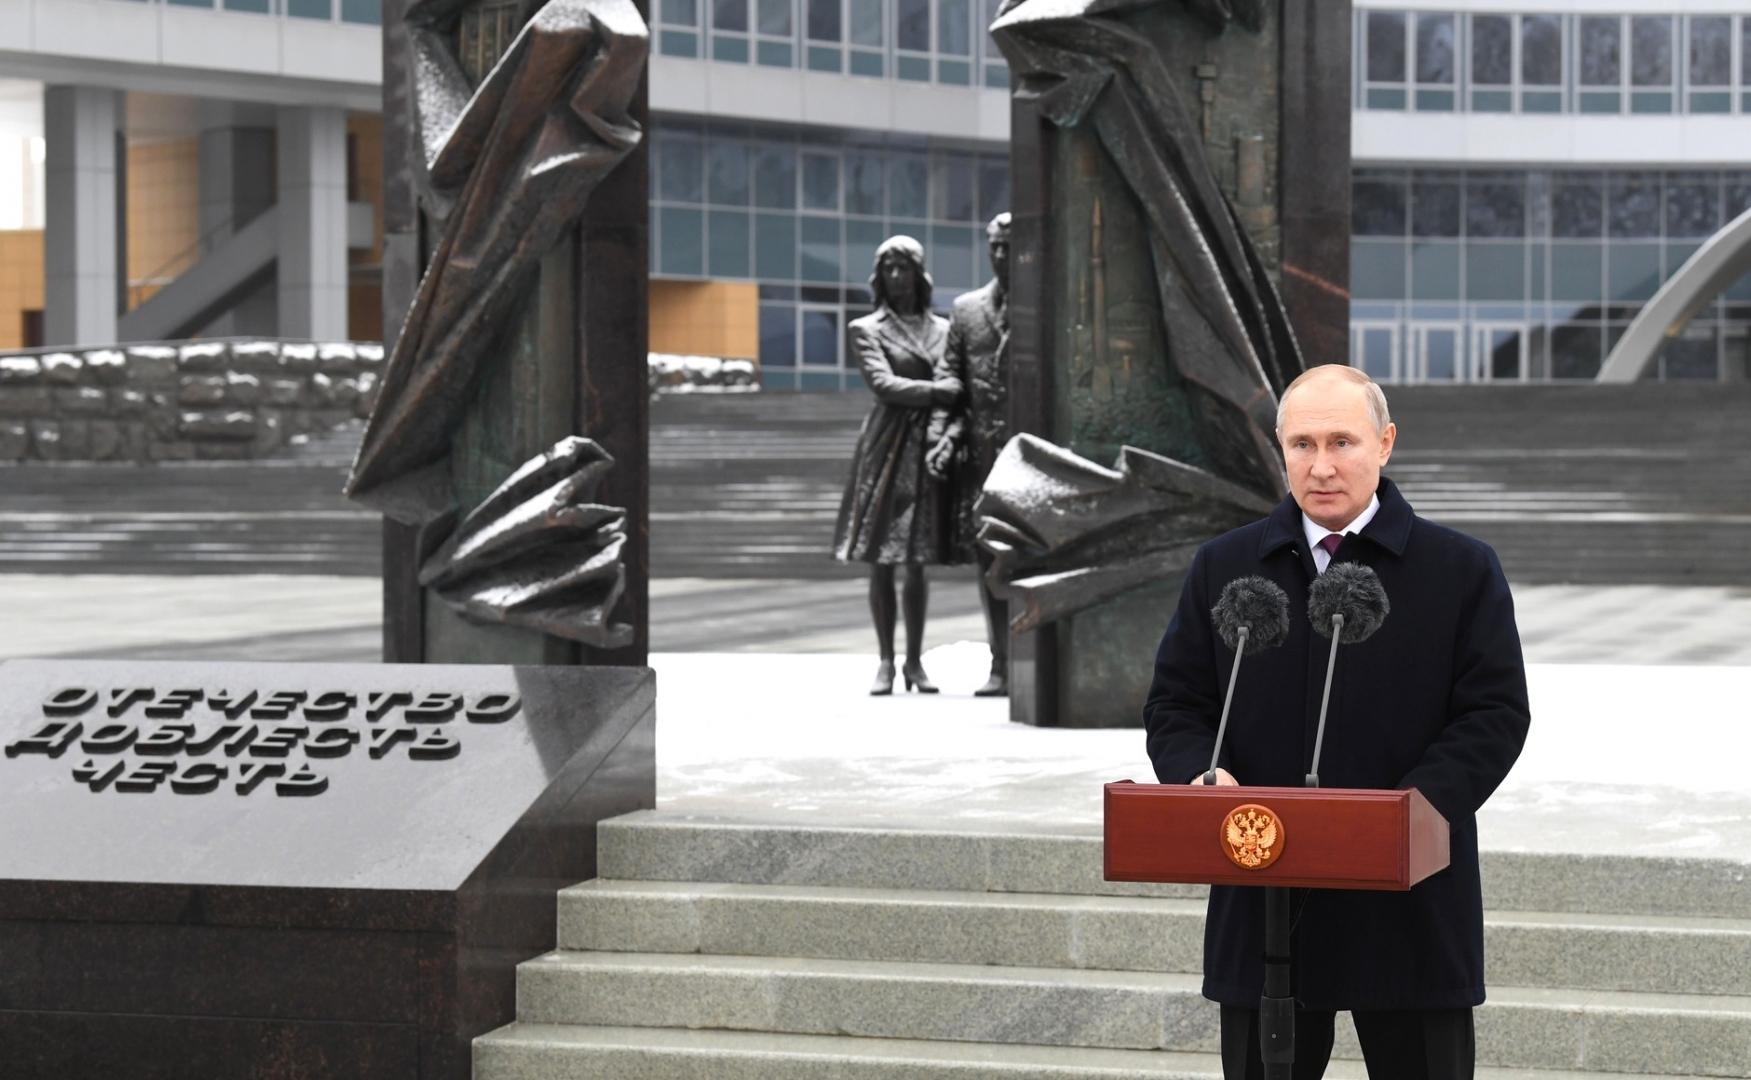 Владимир Путин поздравил Службу внешней разведки со 100-летием